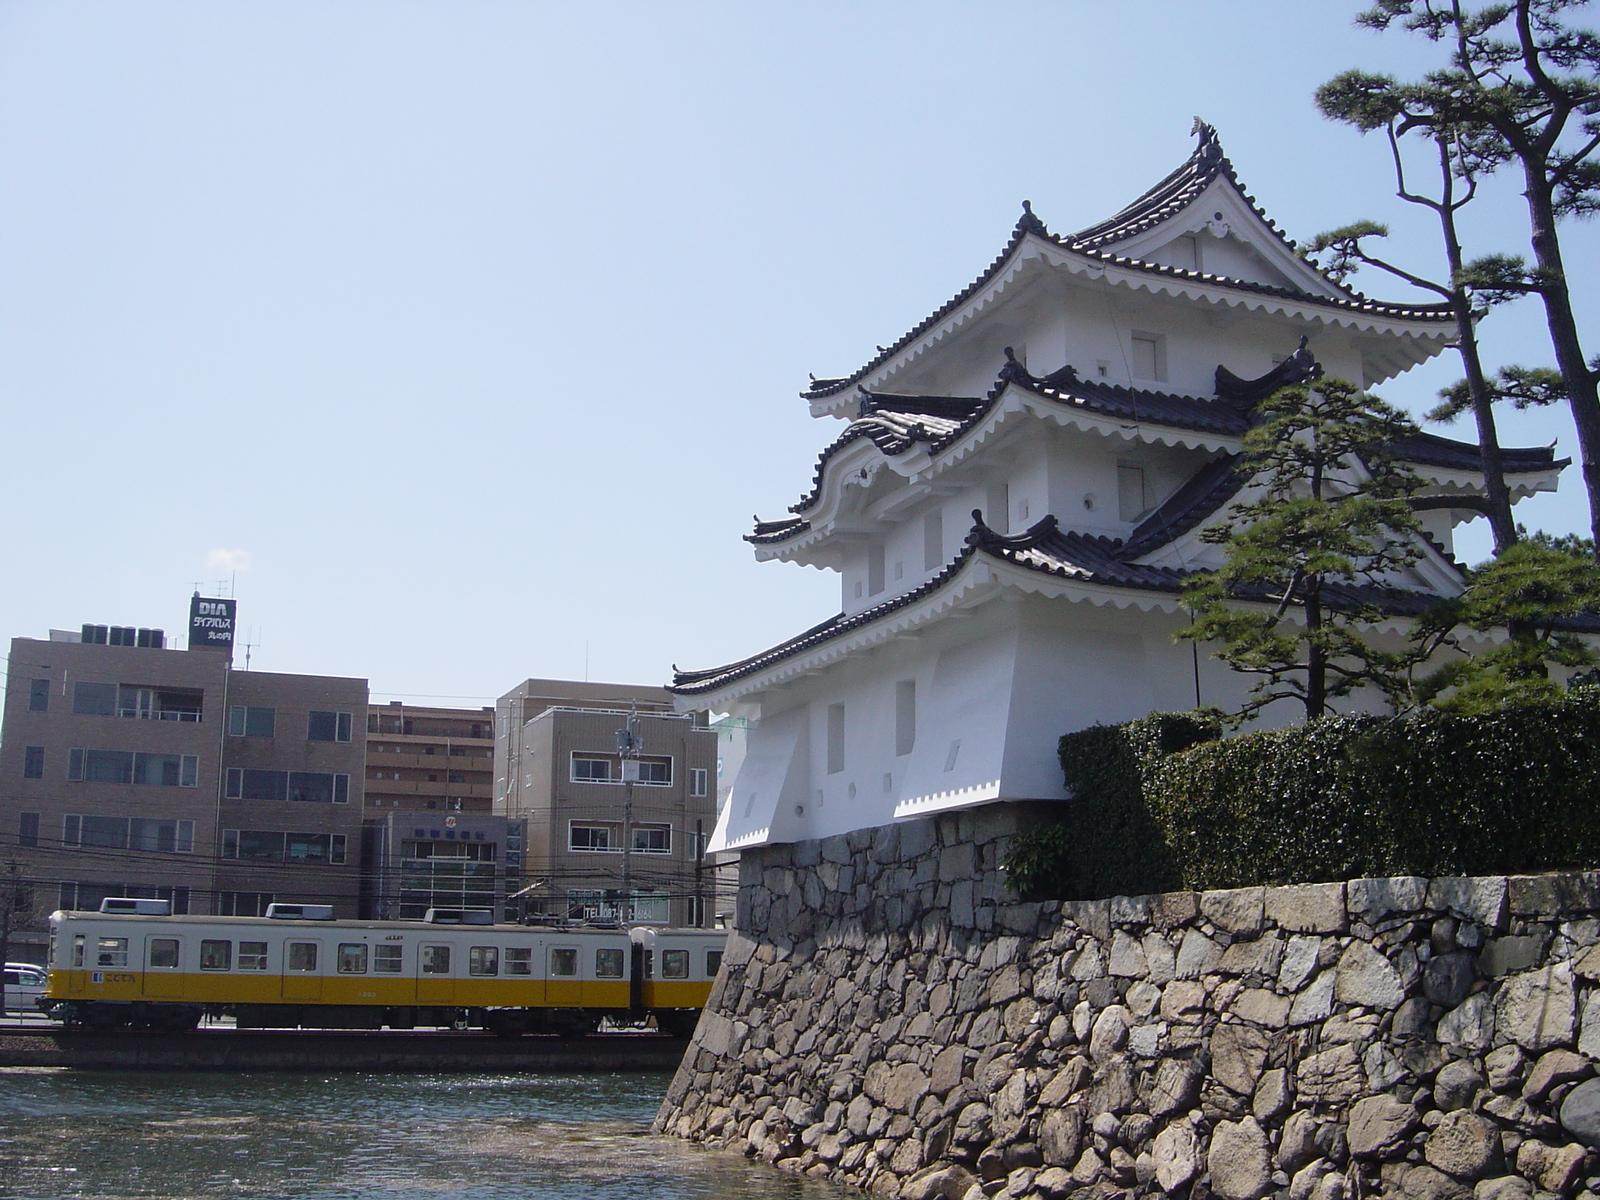 高松観光はおすすめスポットがいっぱい!日帰りコースや子供が喜ぶ見所も紹介!